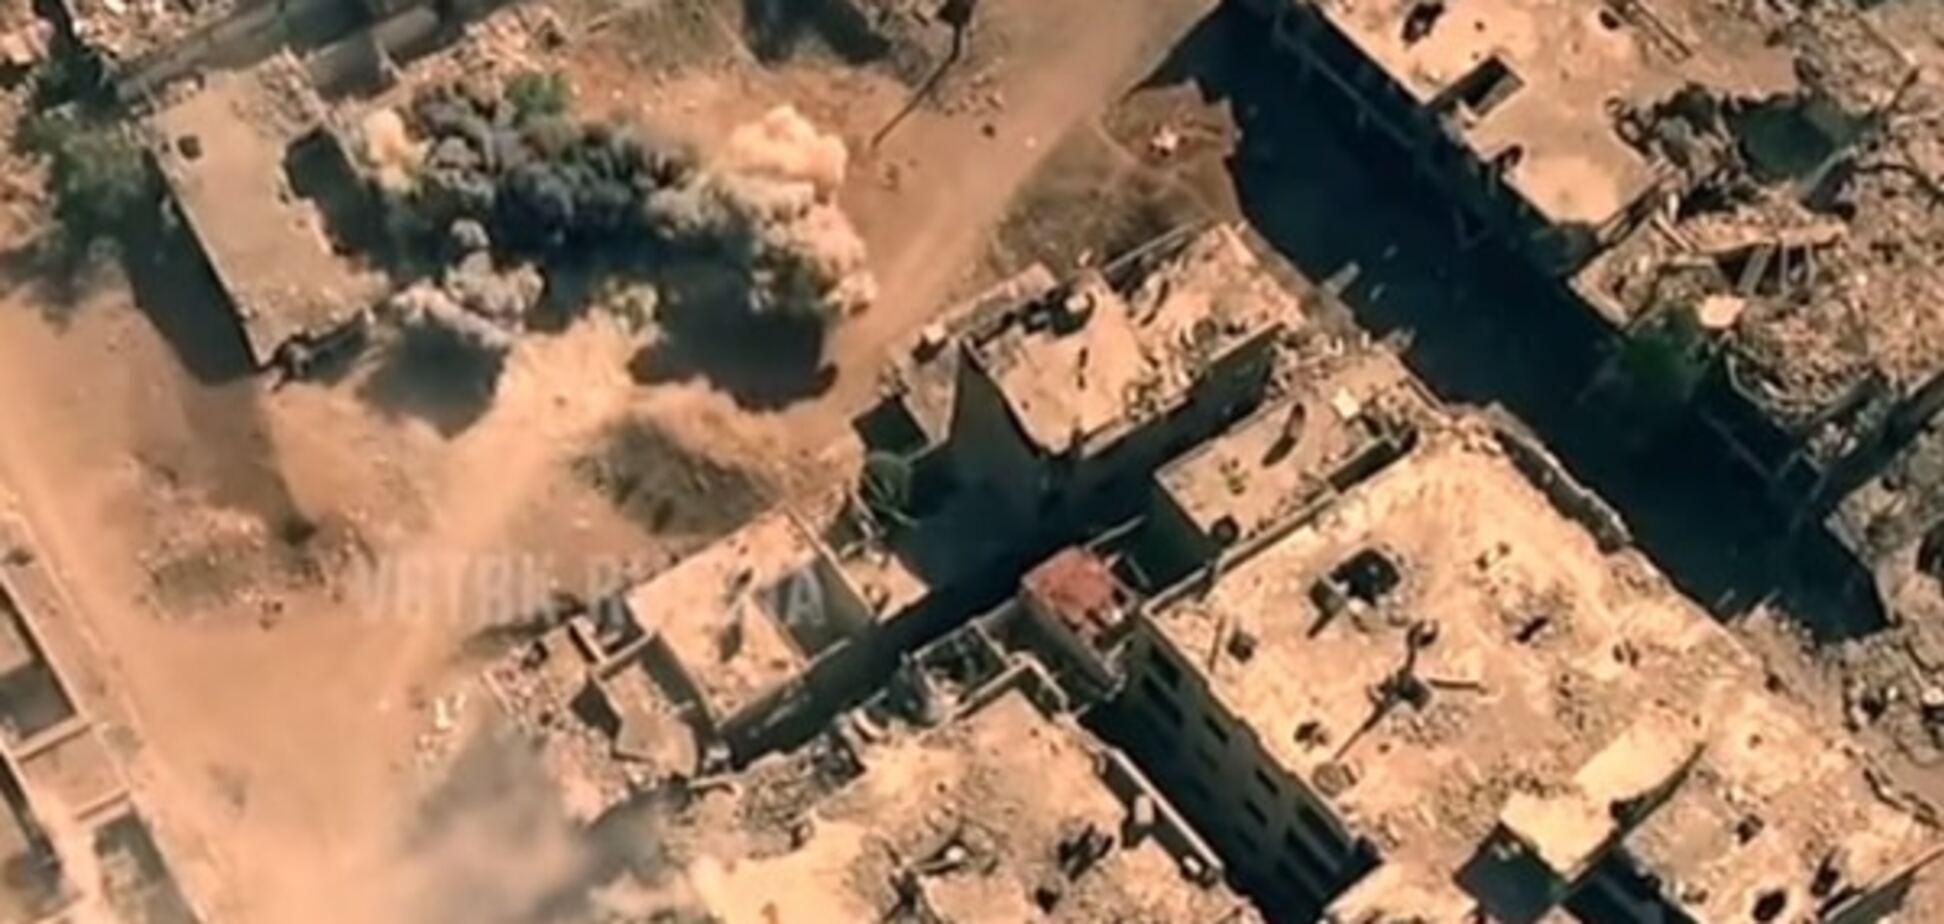 Кремль снял видео про бомбежку в Сирии под музыку американской группы